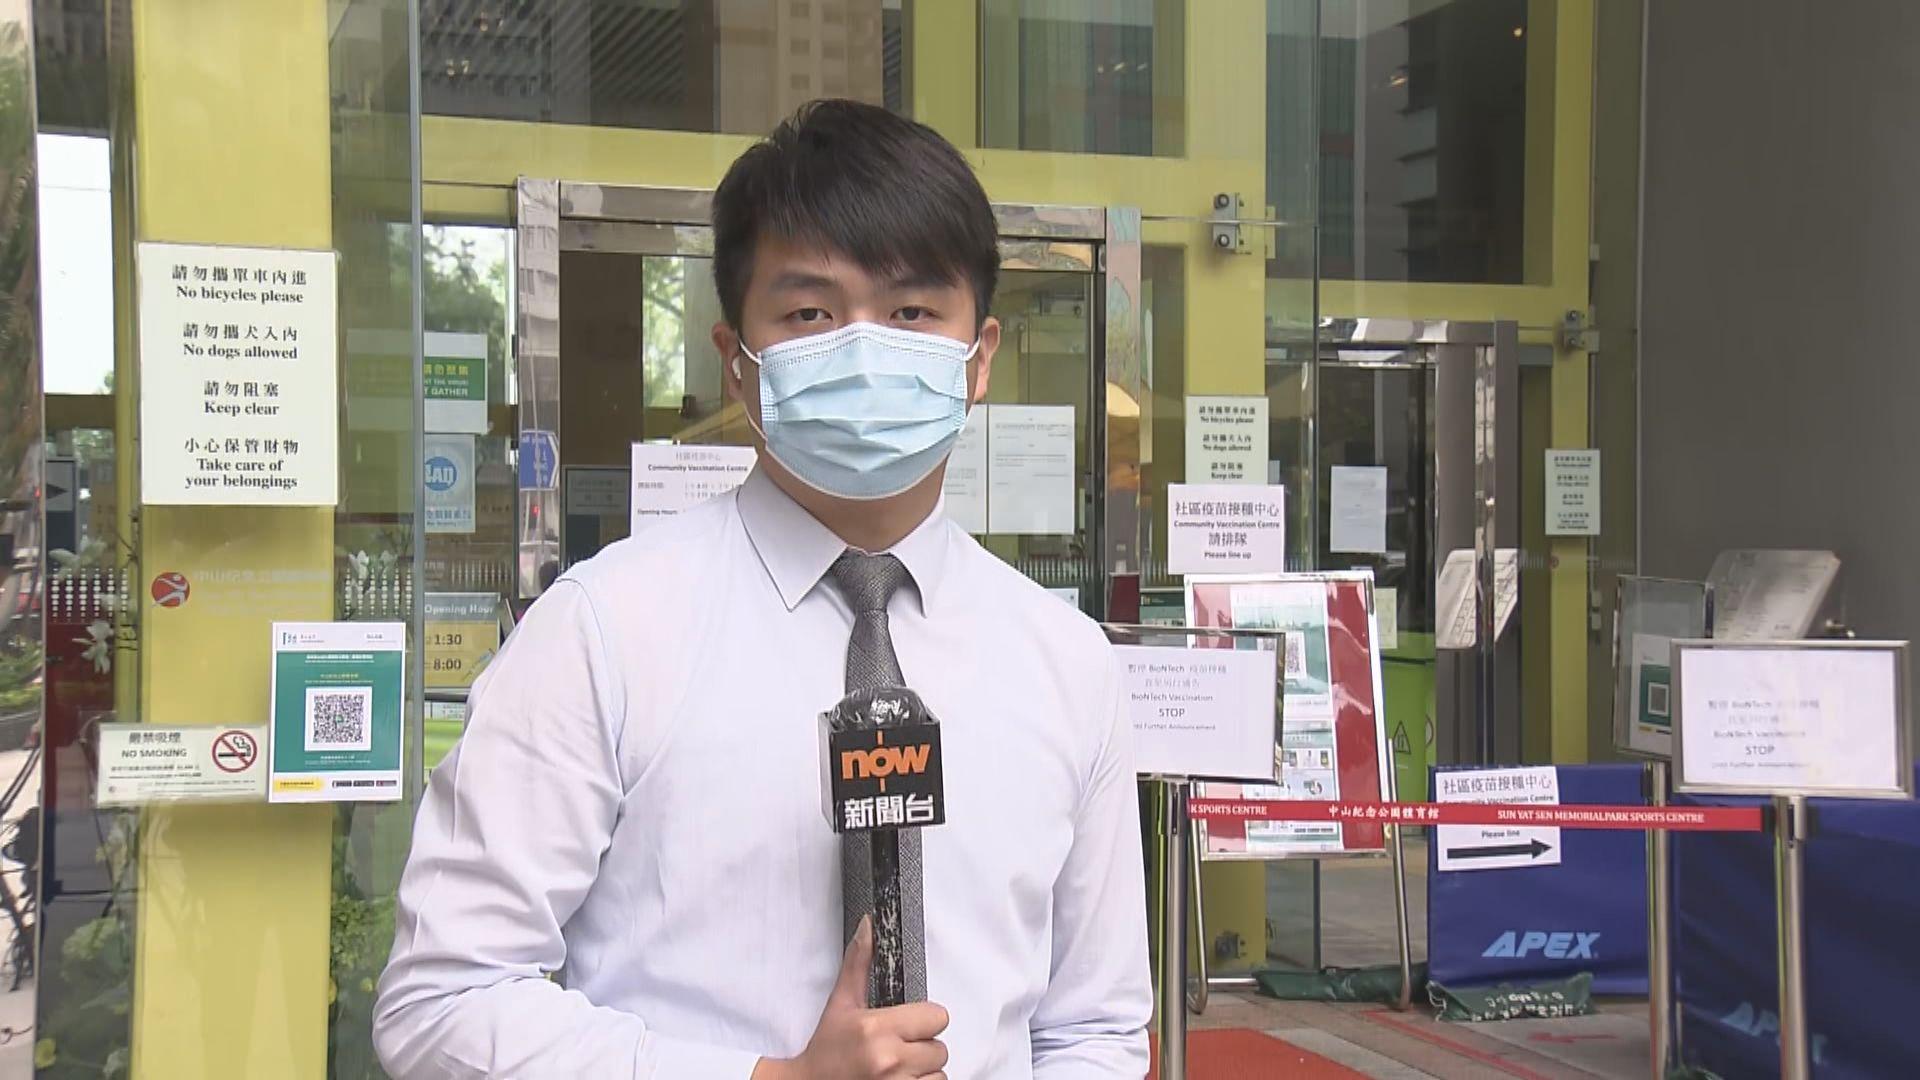 【現場報道】有接種中心早上曾為市民注射復必泰疫苗